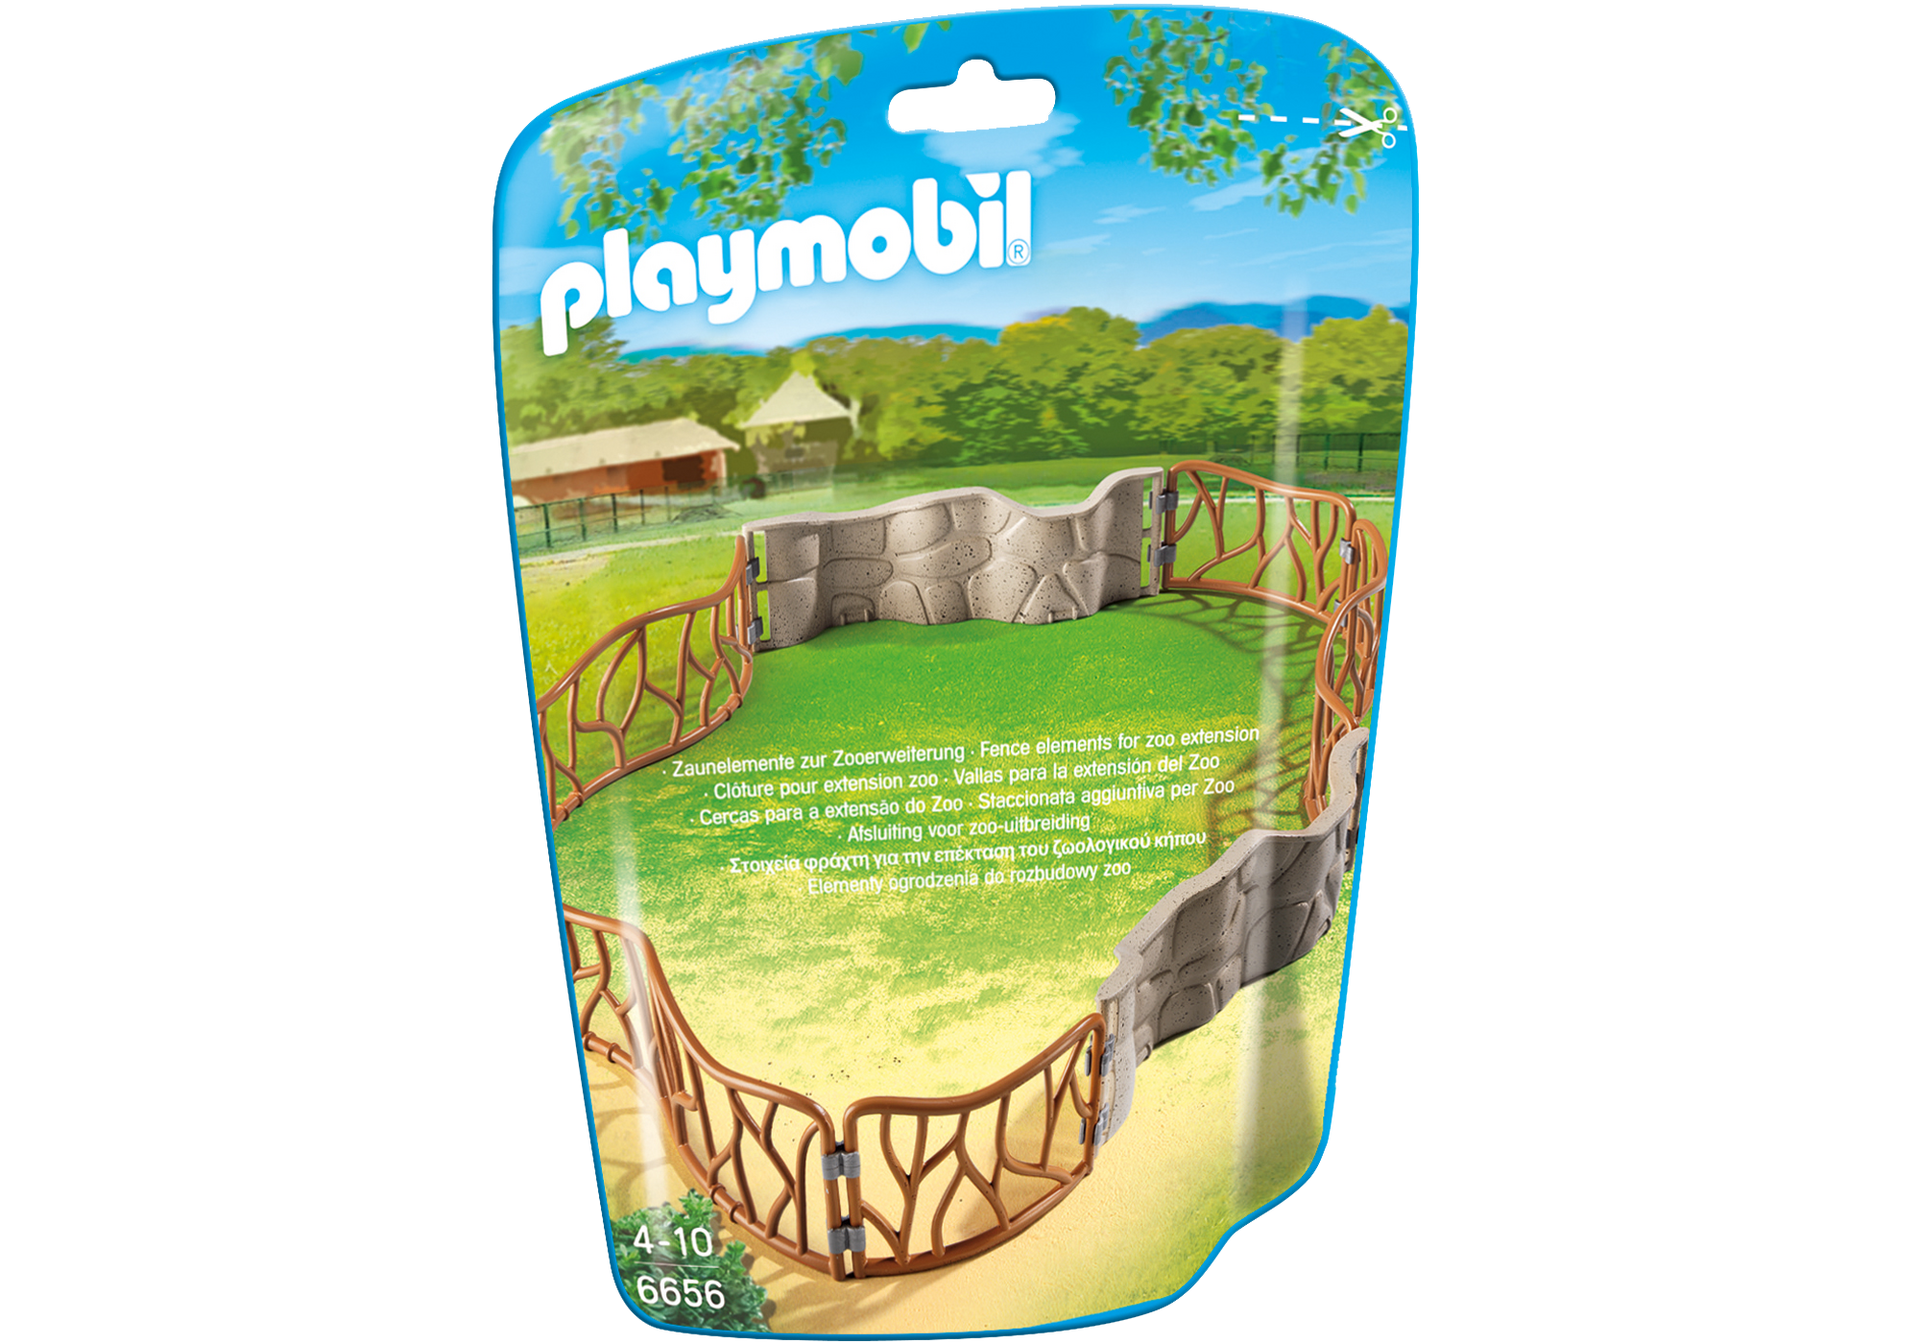 enclos pour animaux du zoo 6656 playmobil france. Black Bedroom Furniture Sets. Home Design Ideas